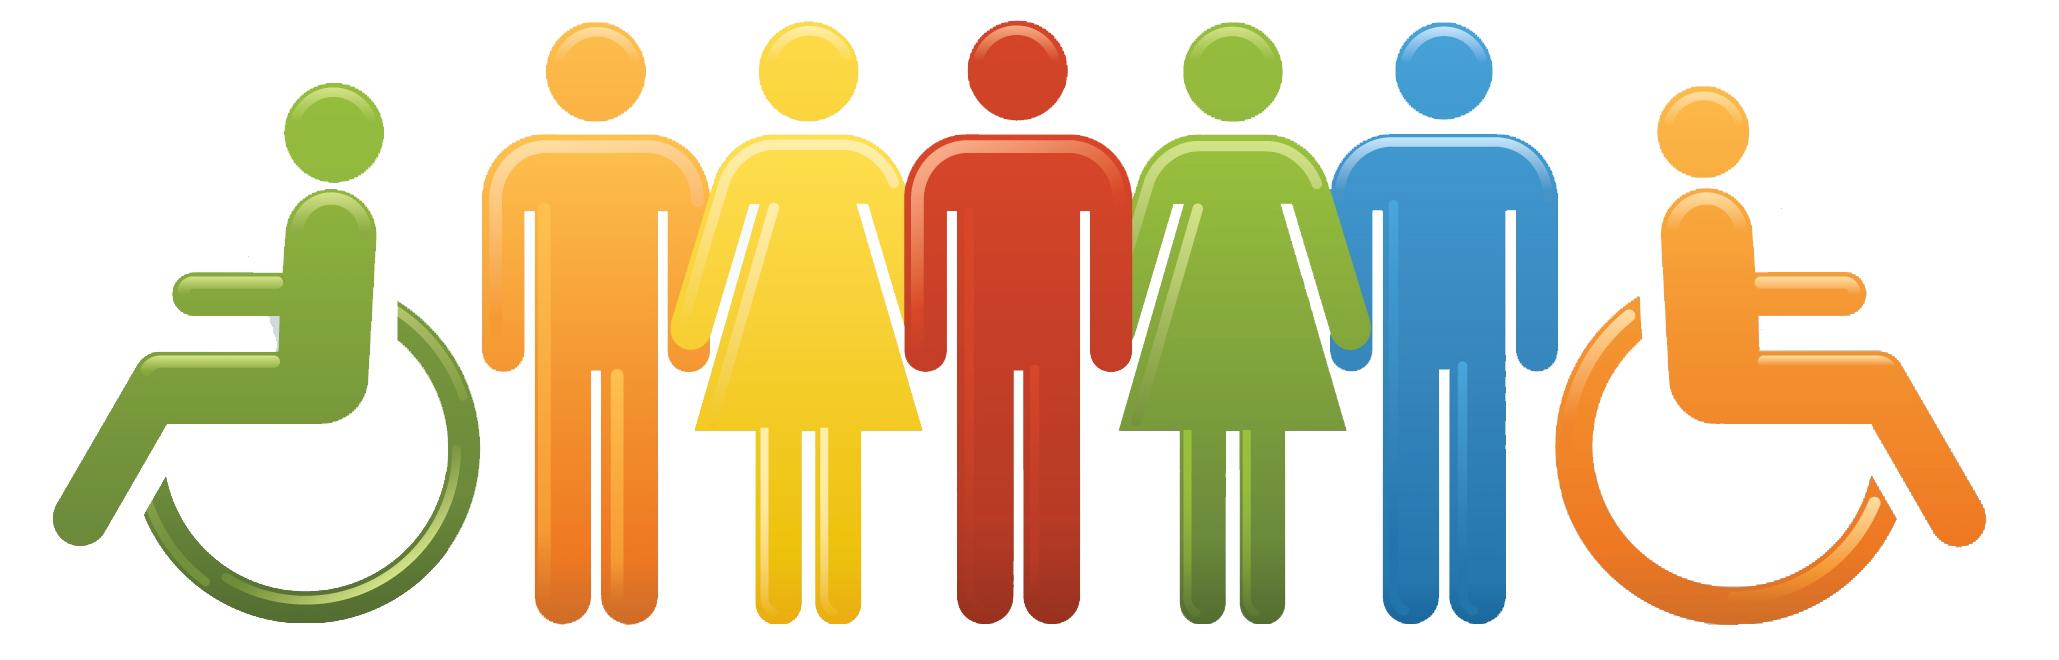 equalityactimage